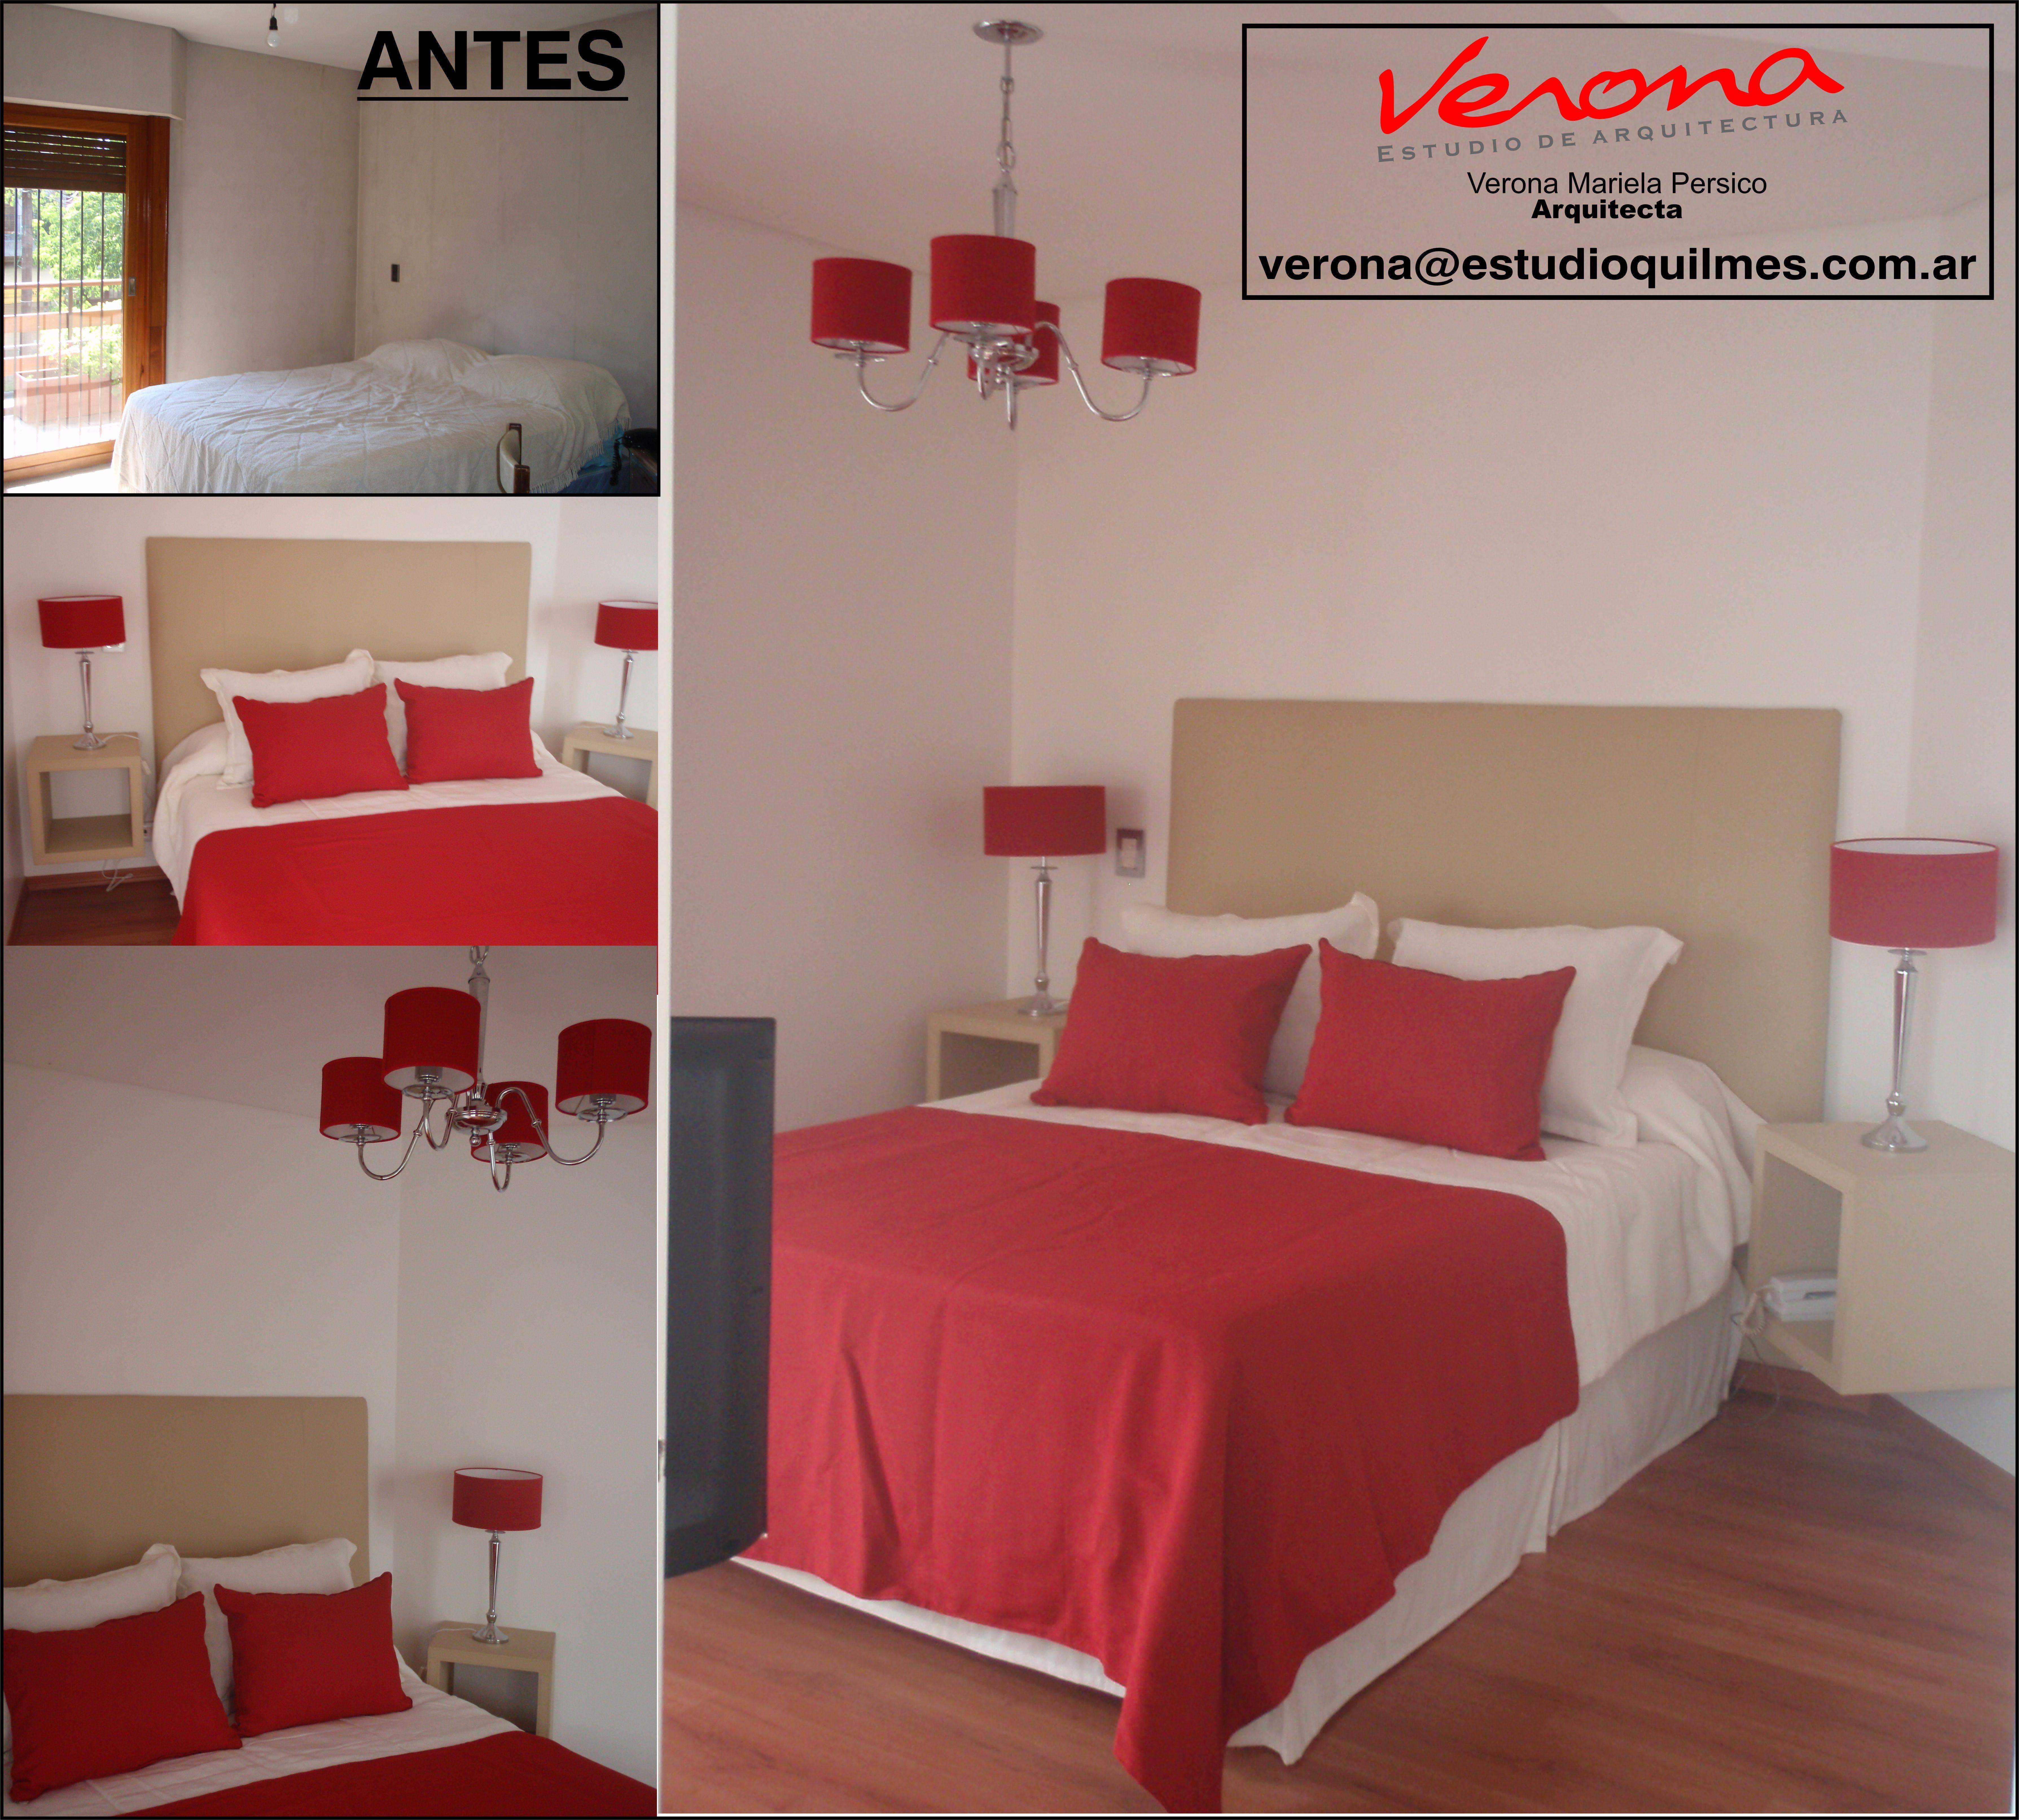 reforma de un dormitorio matrimonial la premisa era utilizar el color blanco en paredes y